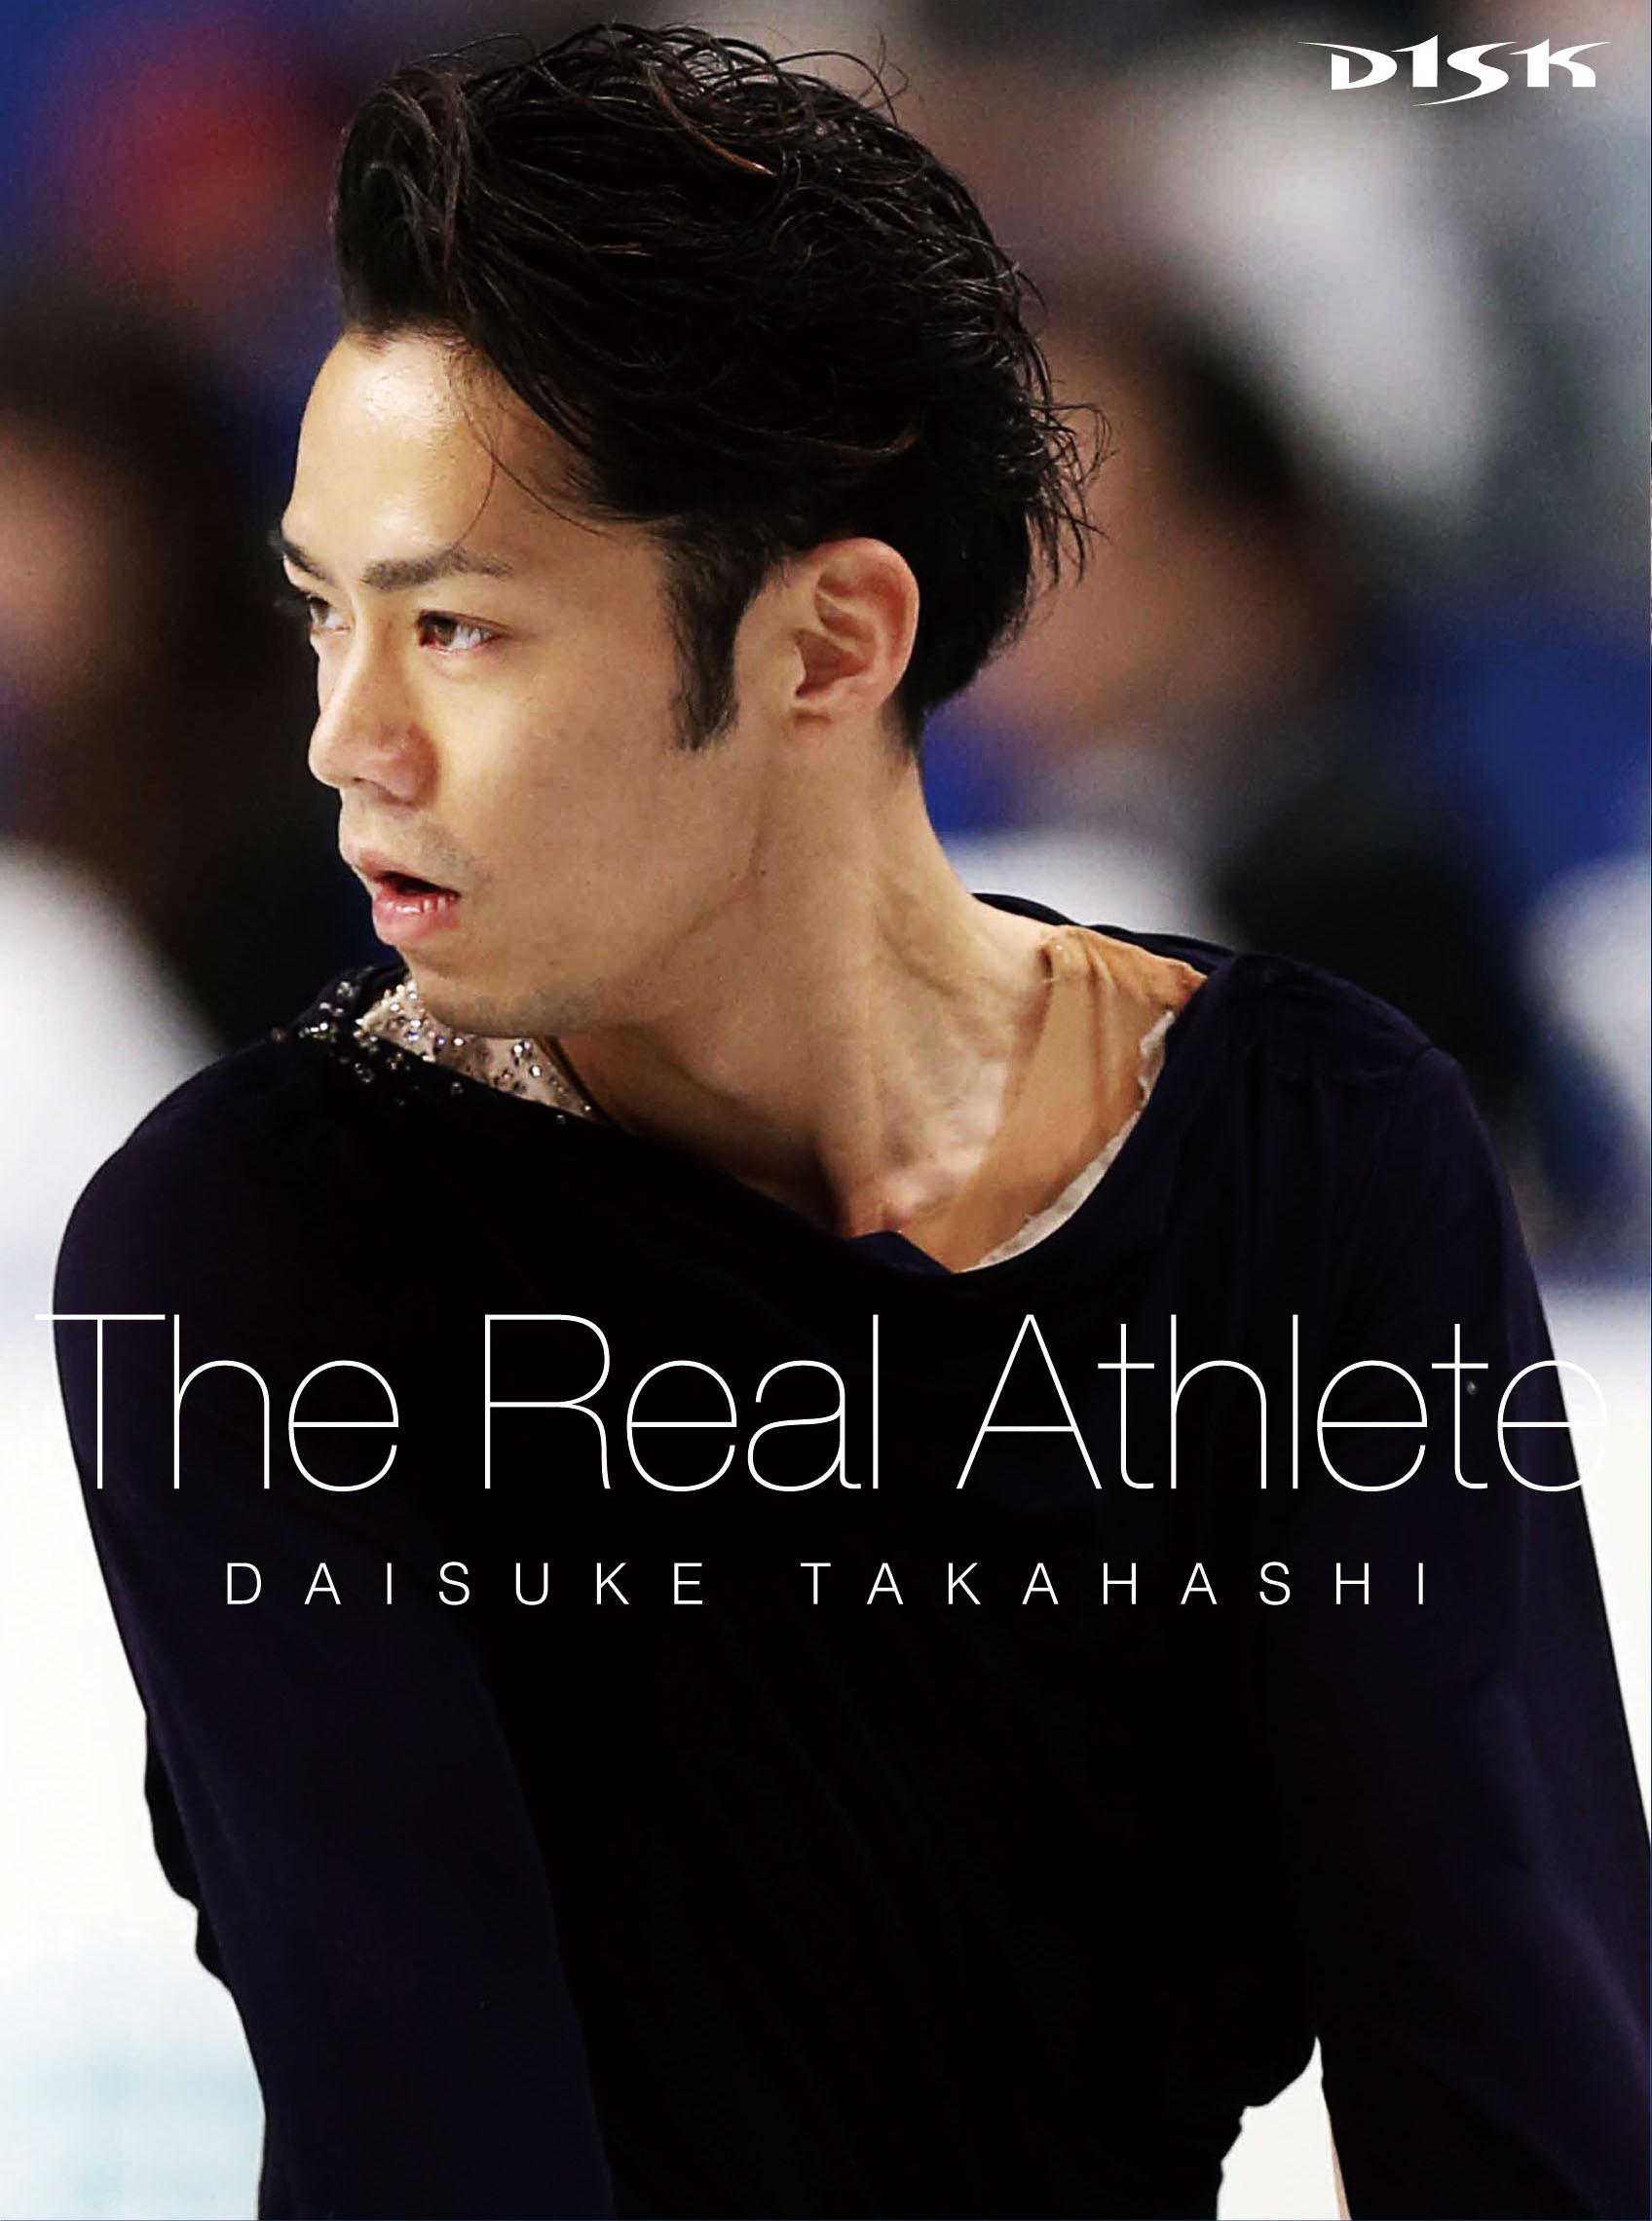 BD【特典付】高橋大輔 The Real Athlete 数量限定生産商品